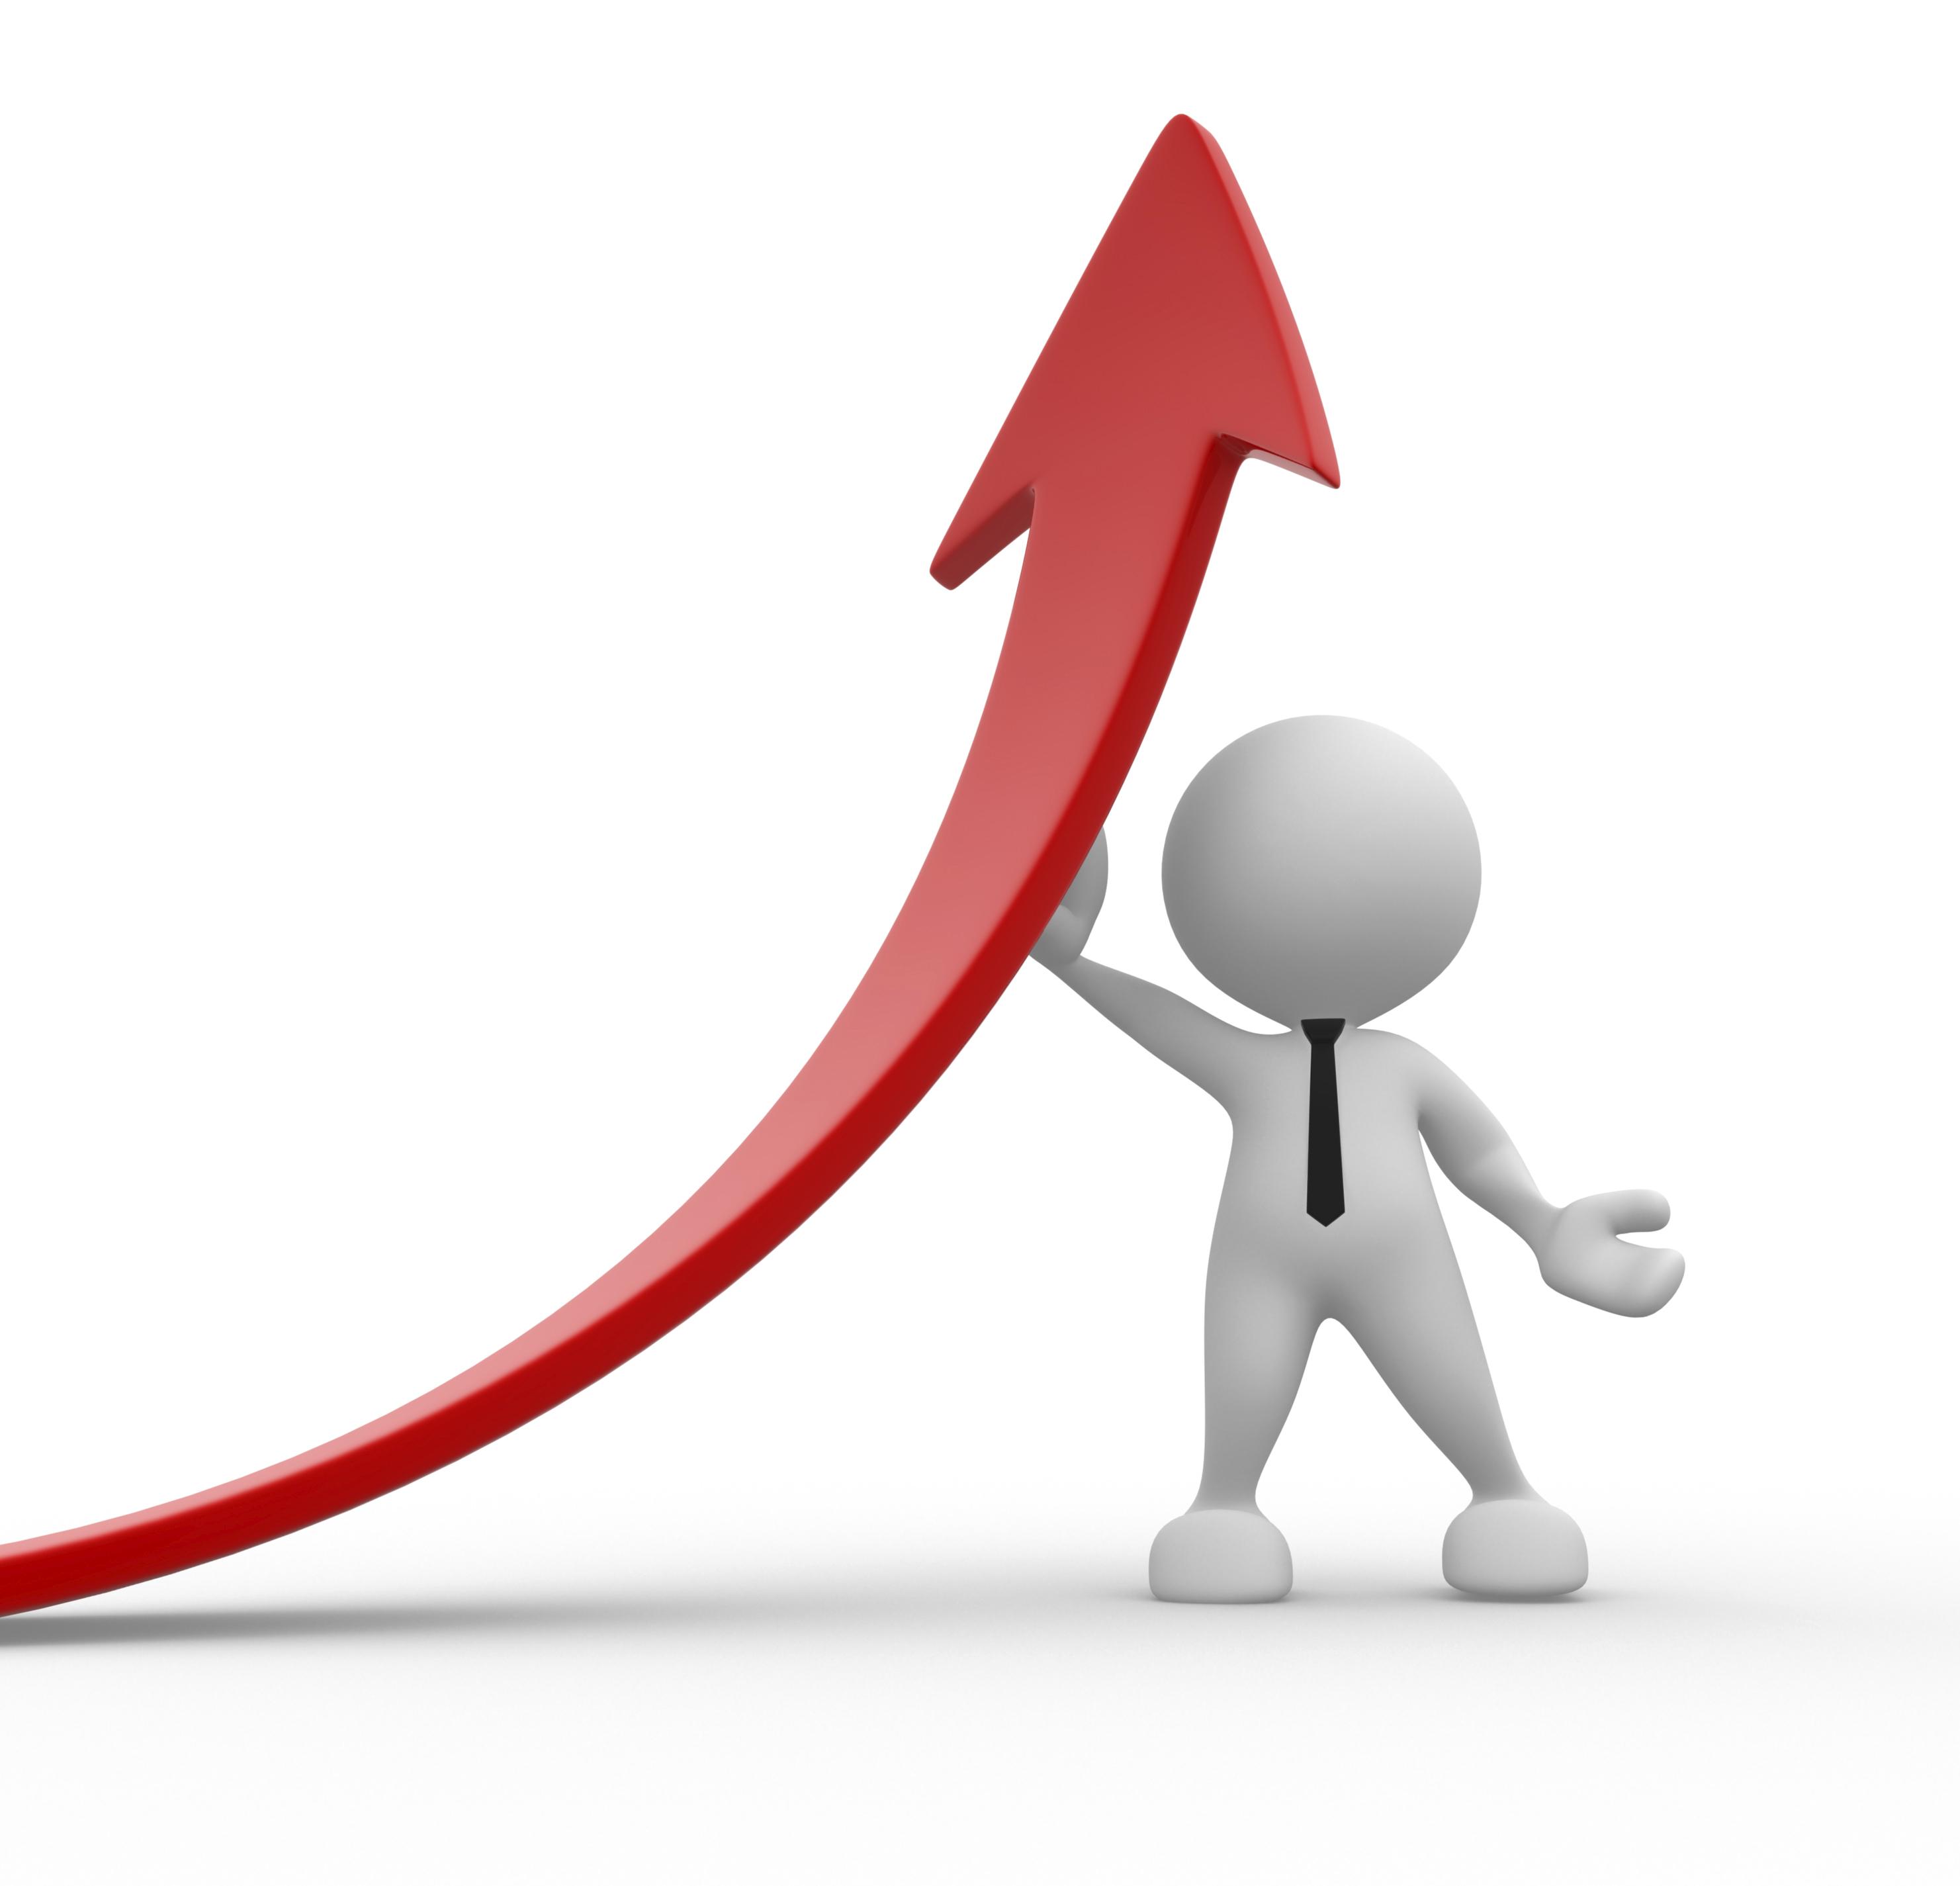 Les 4 étapes à suivre avant d'investir